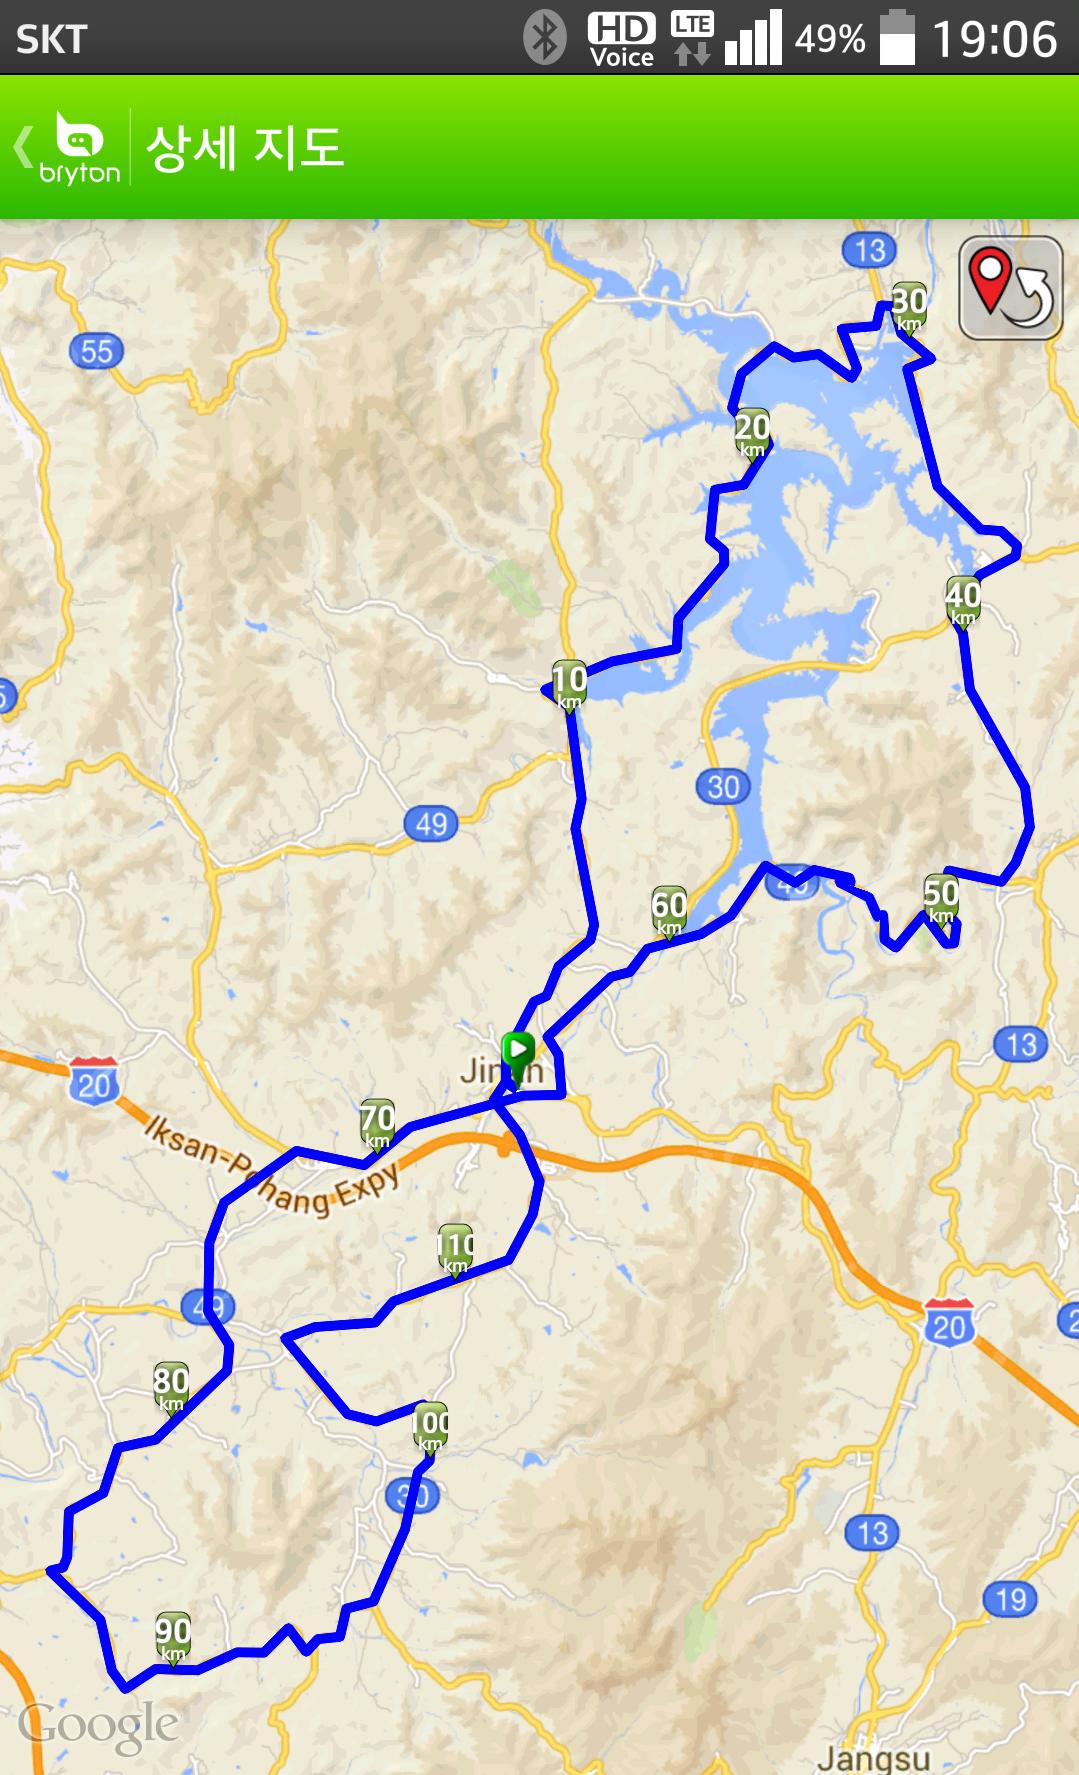 이동 경로가 구글 지도로 표시됨